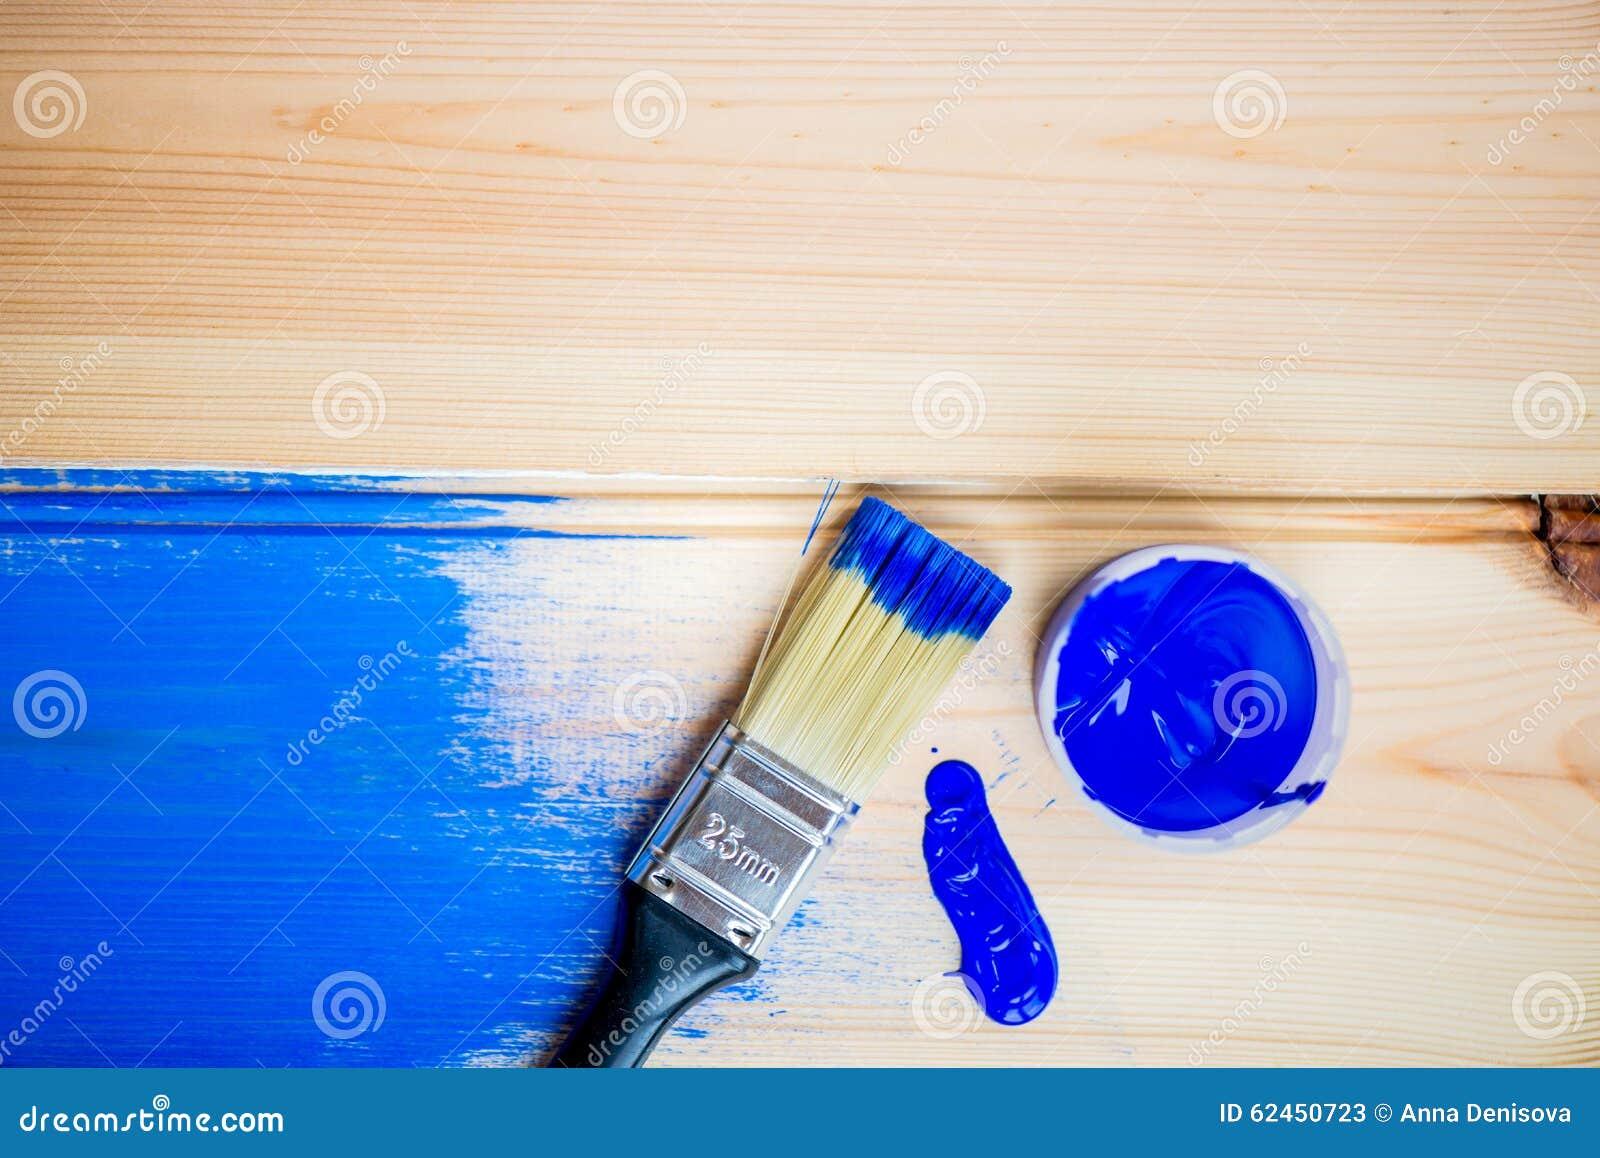 peinture des planches en bois avec la brosse et la peinture bleue de